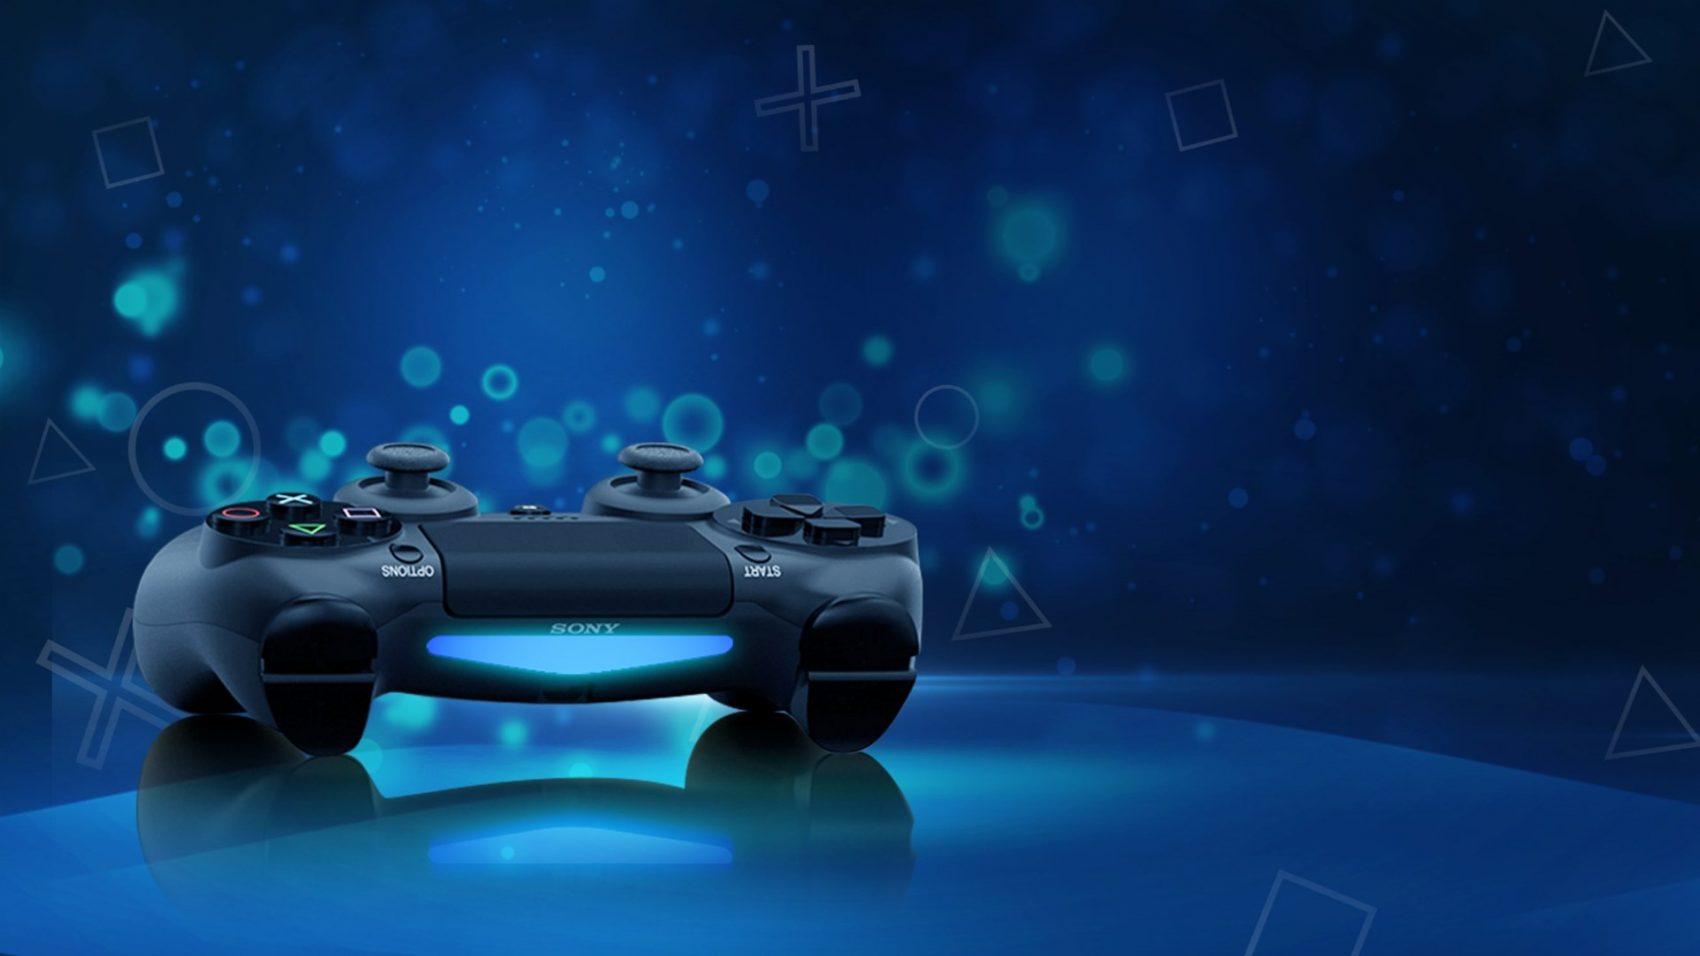 Data premiery Playstation 5 ujawniona! + kilka ciekawostek